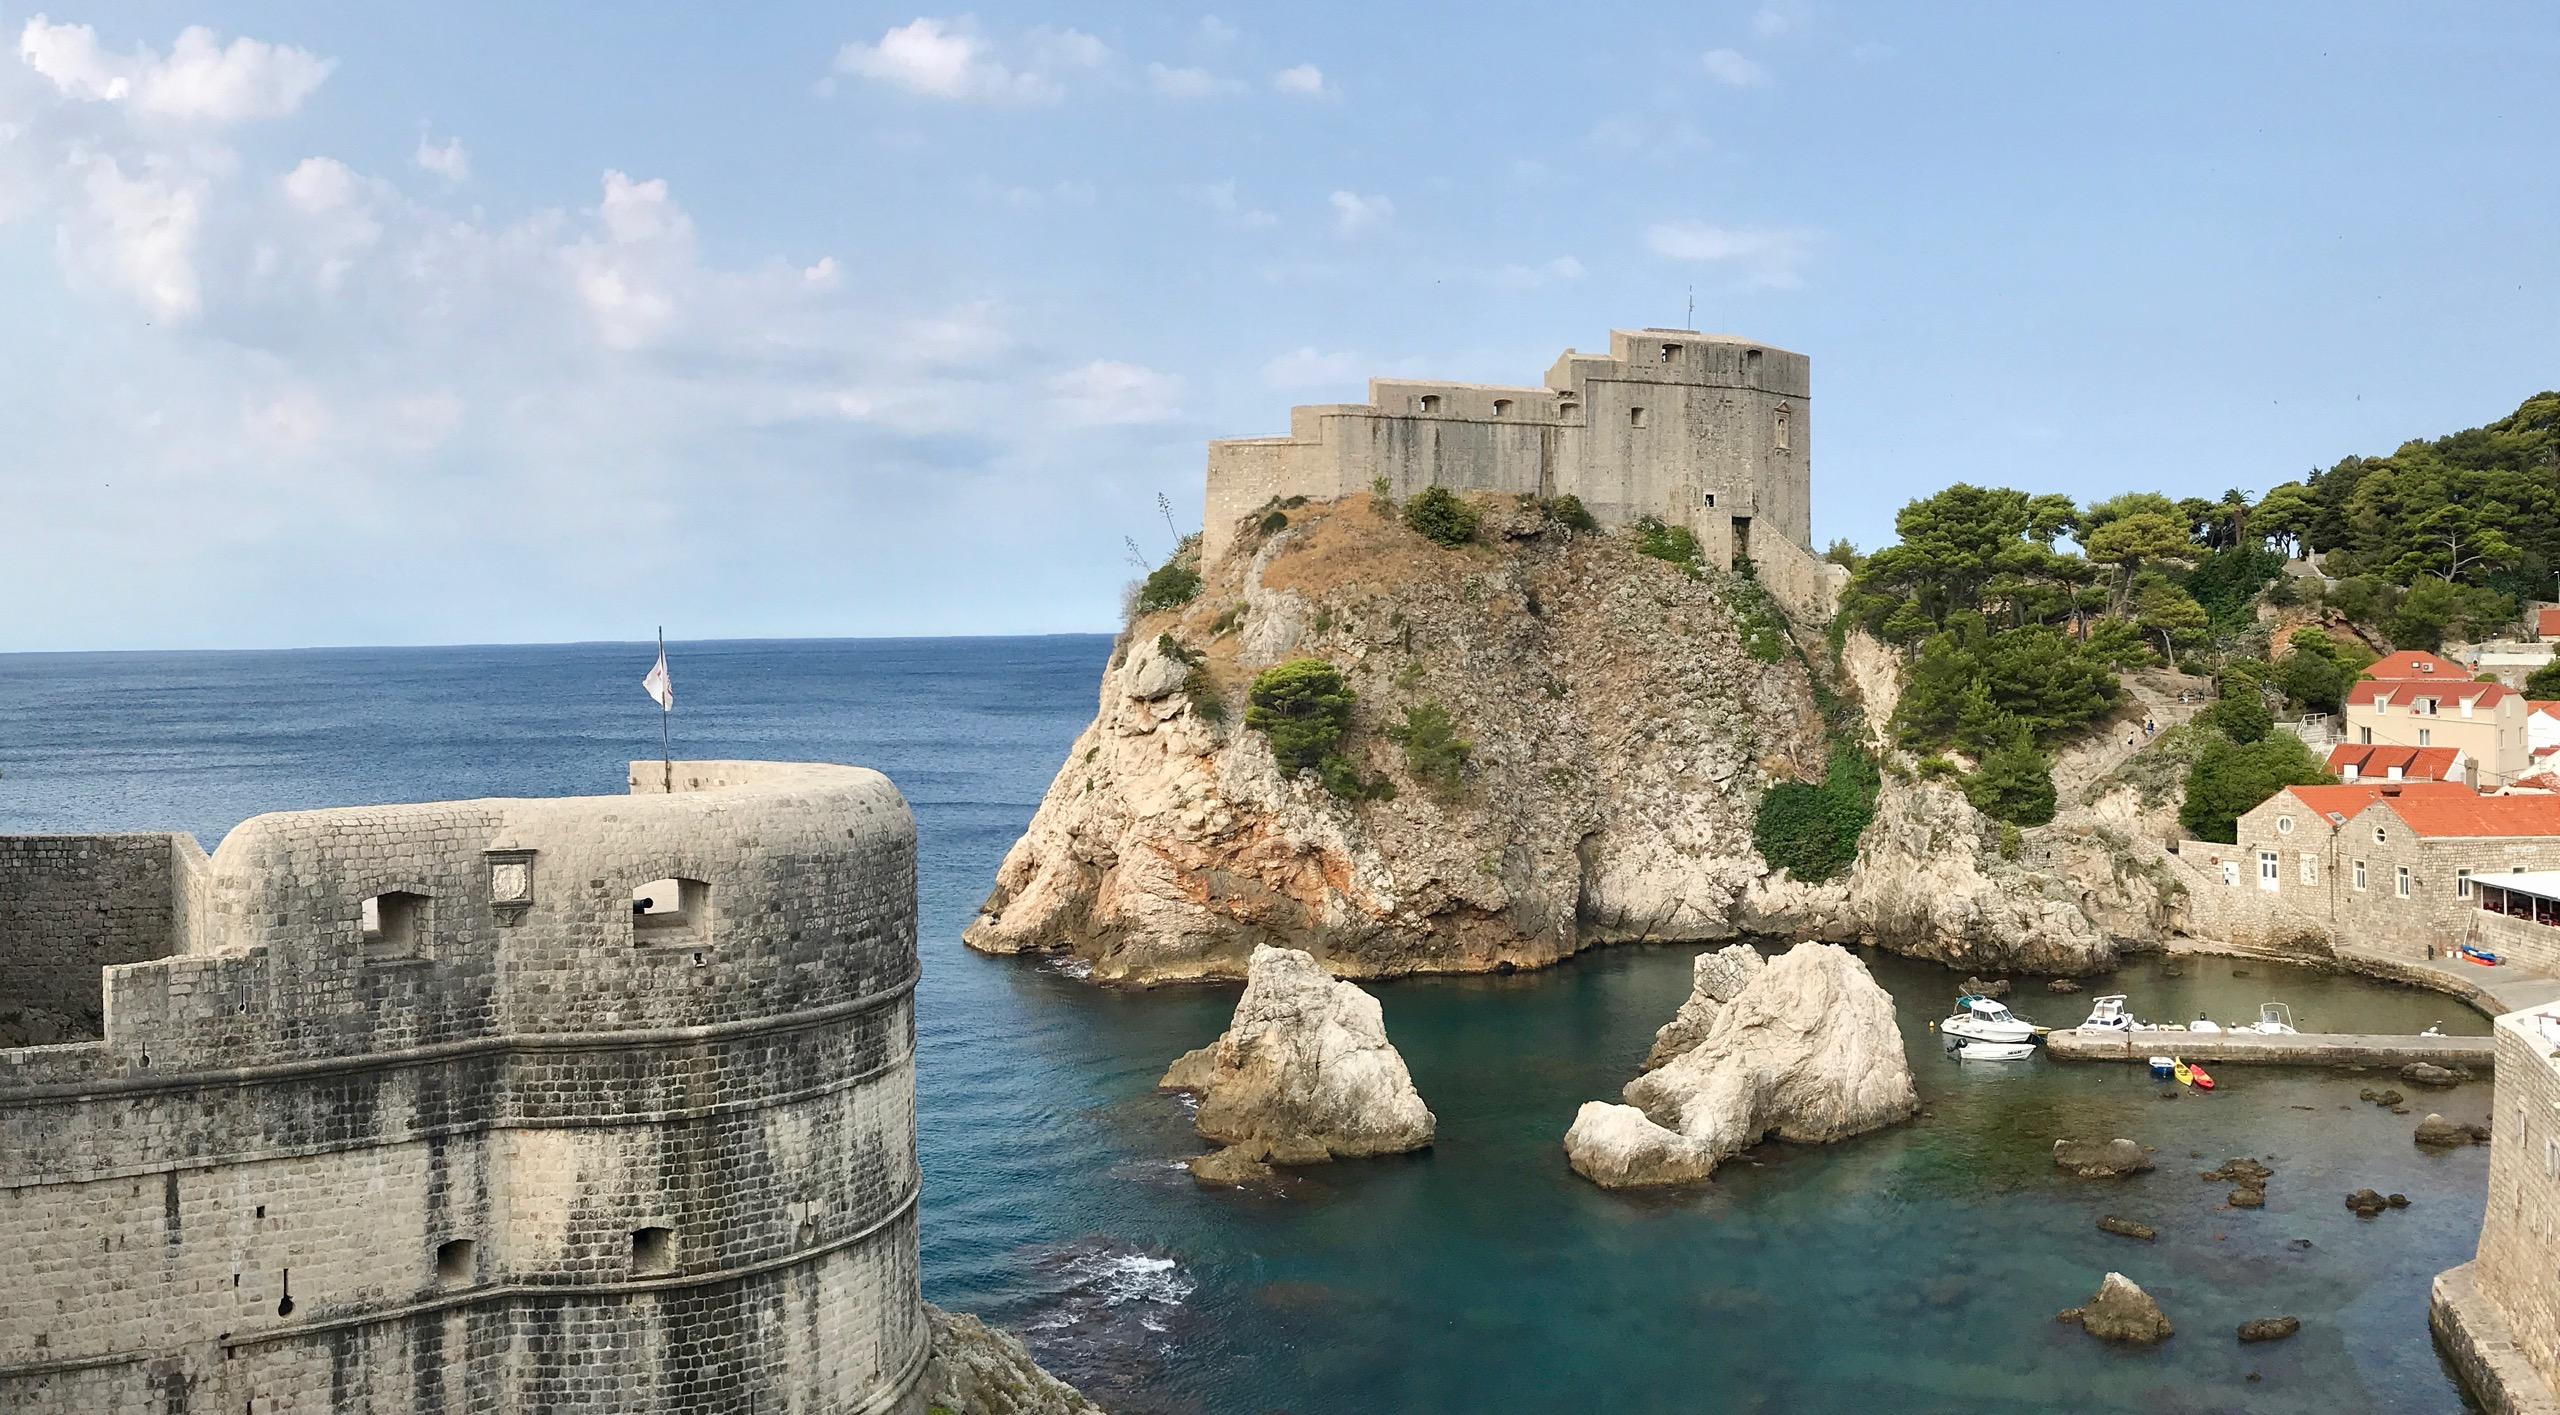 Blick von der Dubrovnik Stadtmauer auf die Festung Festung Lovrijenac. Ein sonnenbestrahlter Fels und drumherum das Meer